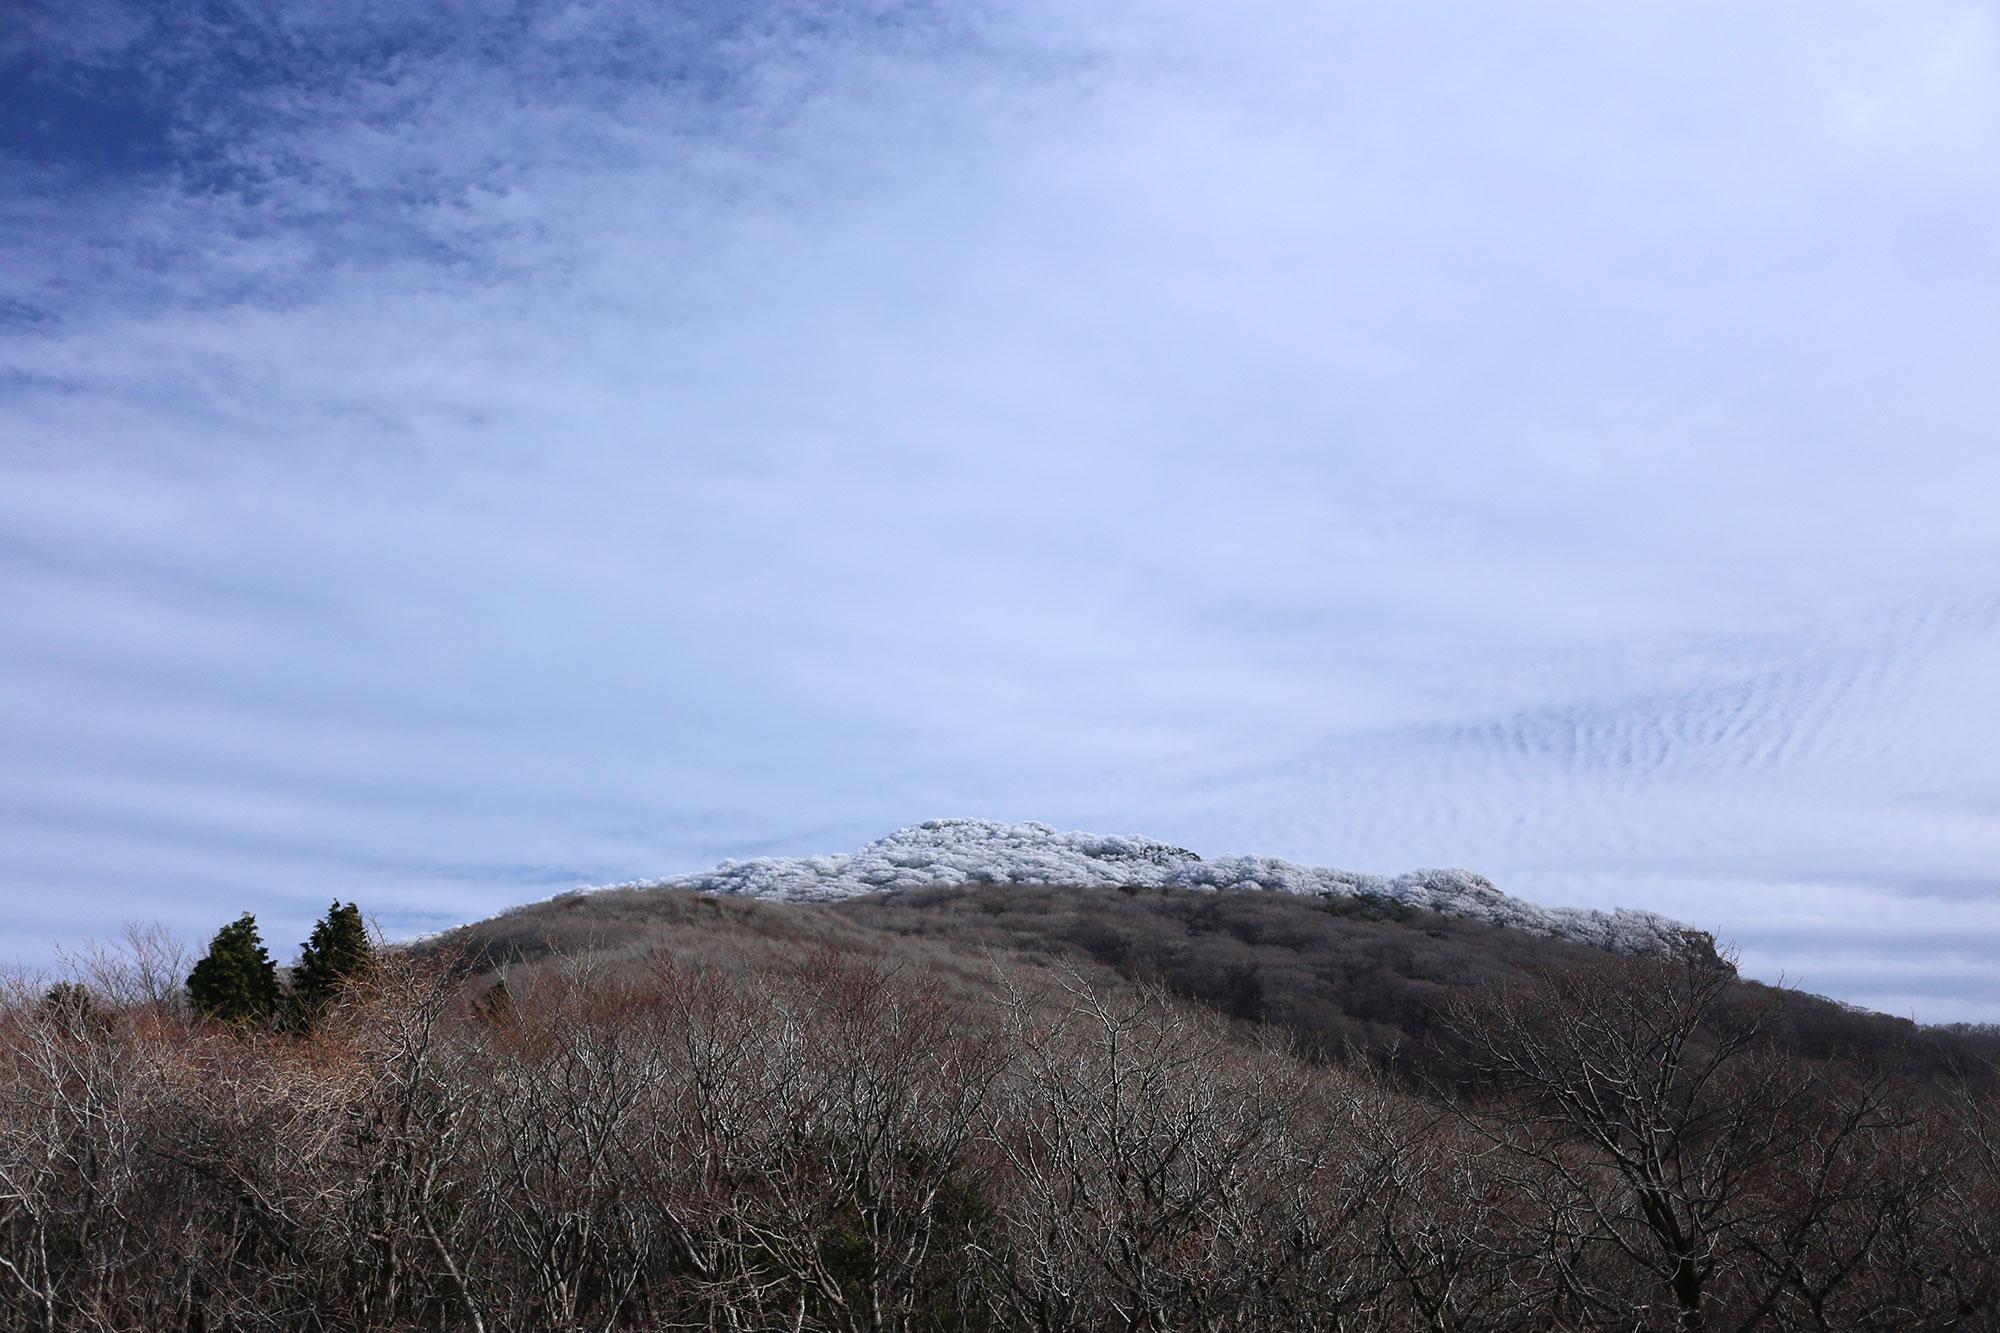 帰路で眺めた祖母山